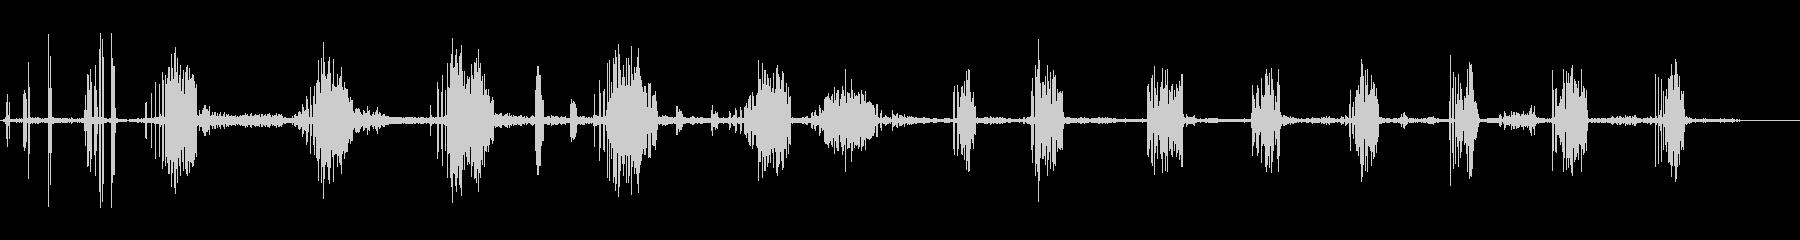 トトビア・テレロラの未再生の波形